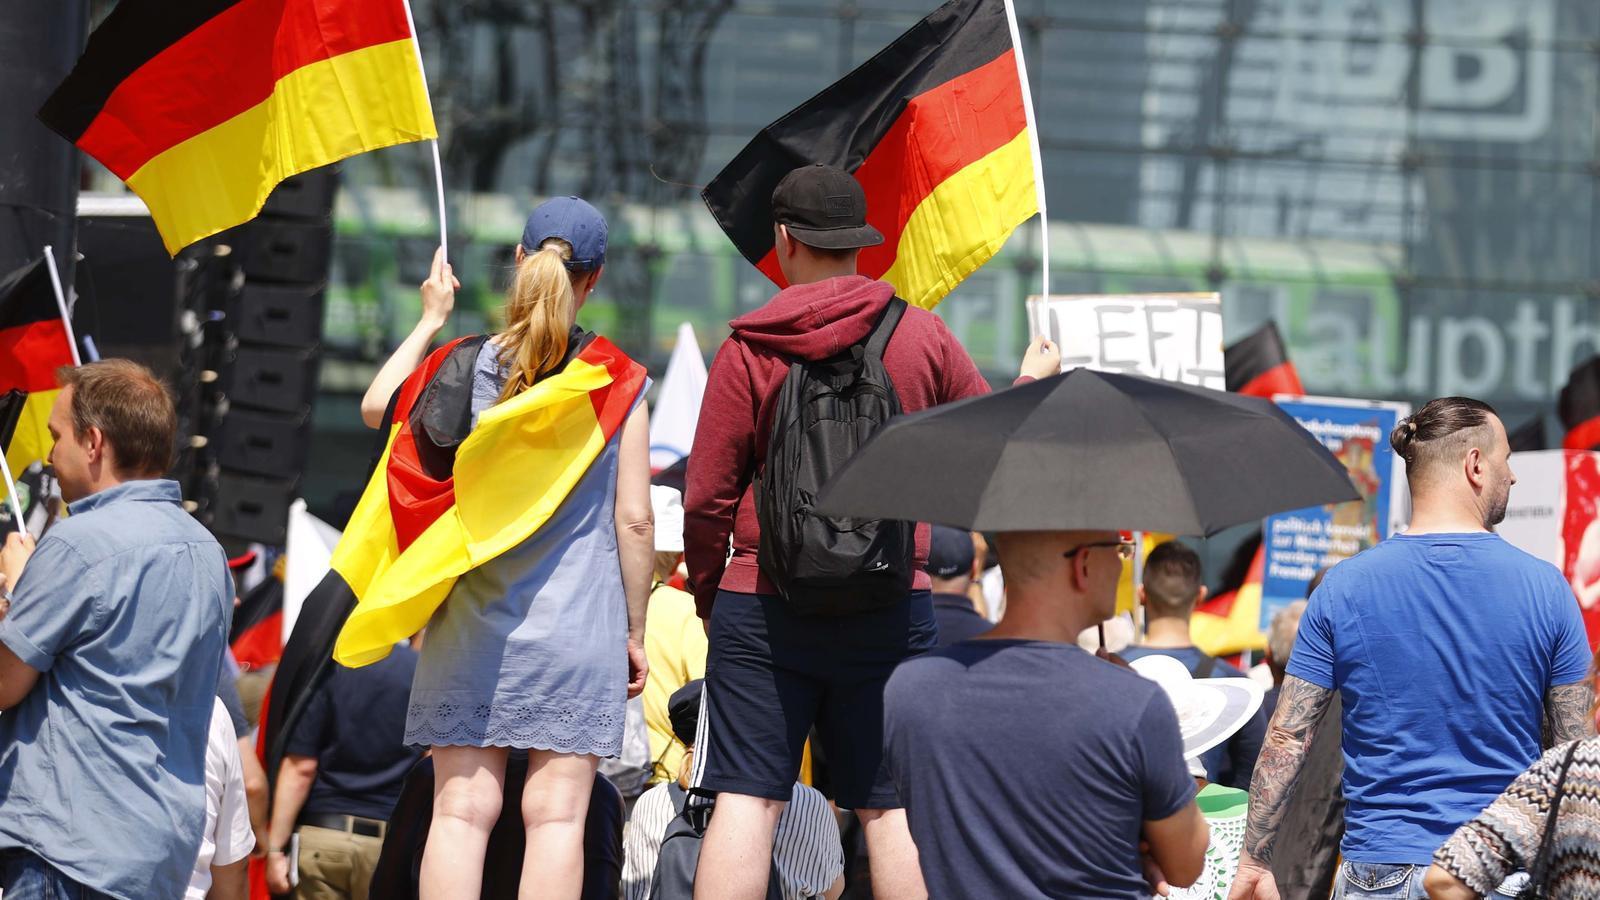 Simpatitzants d'Adf onejant banderes a Alemanya a la manifestació de Berlín / HANNIBAL HANSCHKE / REUTERS